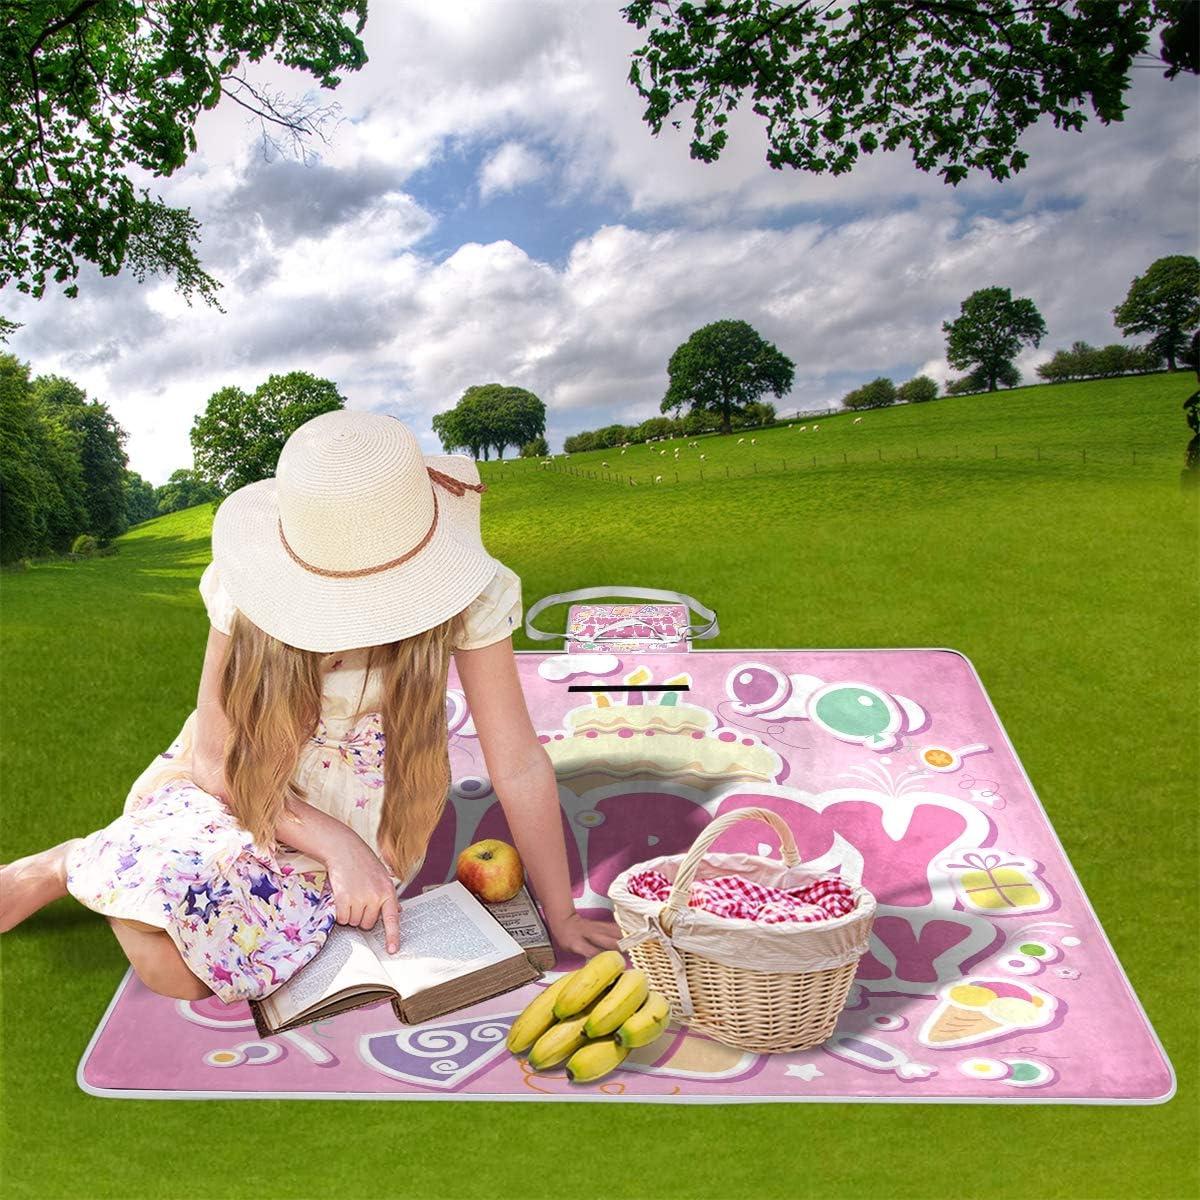 XINGAKA Coperta da Picnic Tappetino Campeggio,Stampa di Compleanno Patchwork Festa,Giardino Spiaggia Impermeabile Anti Sabbia 1